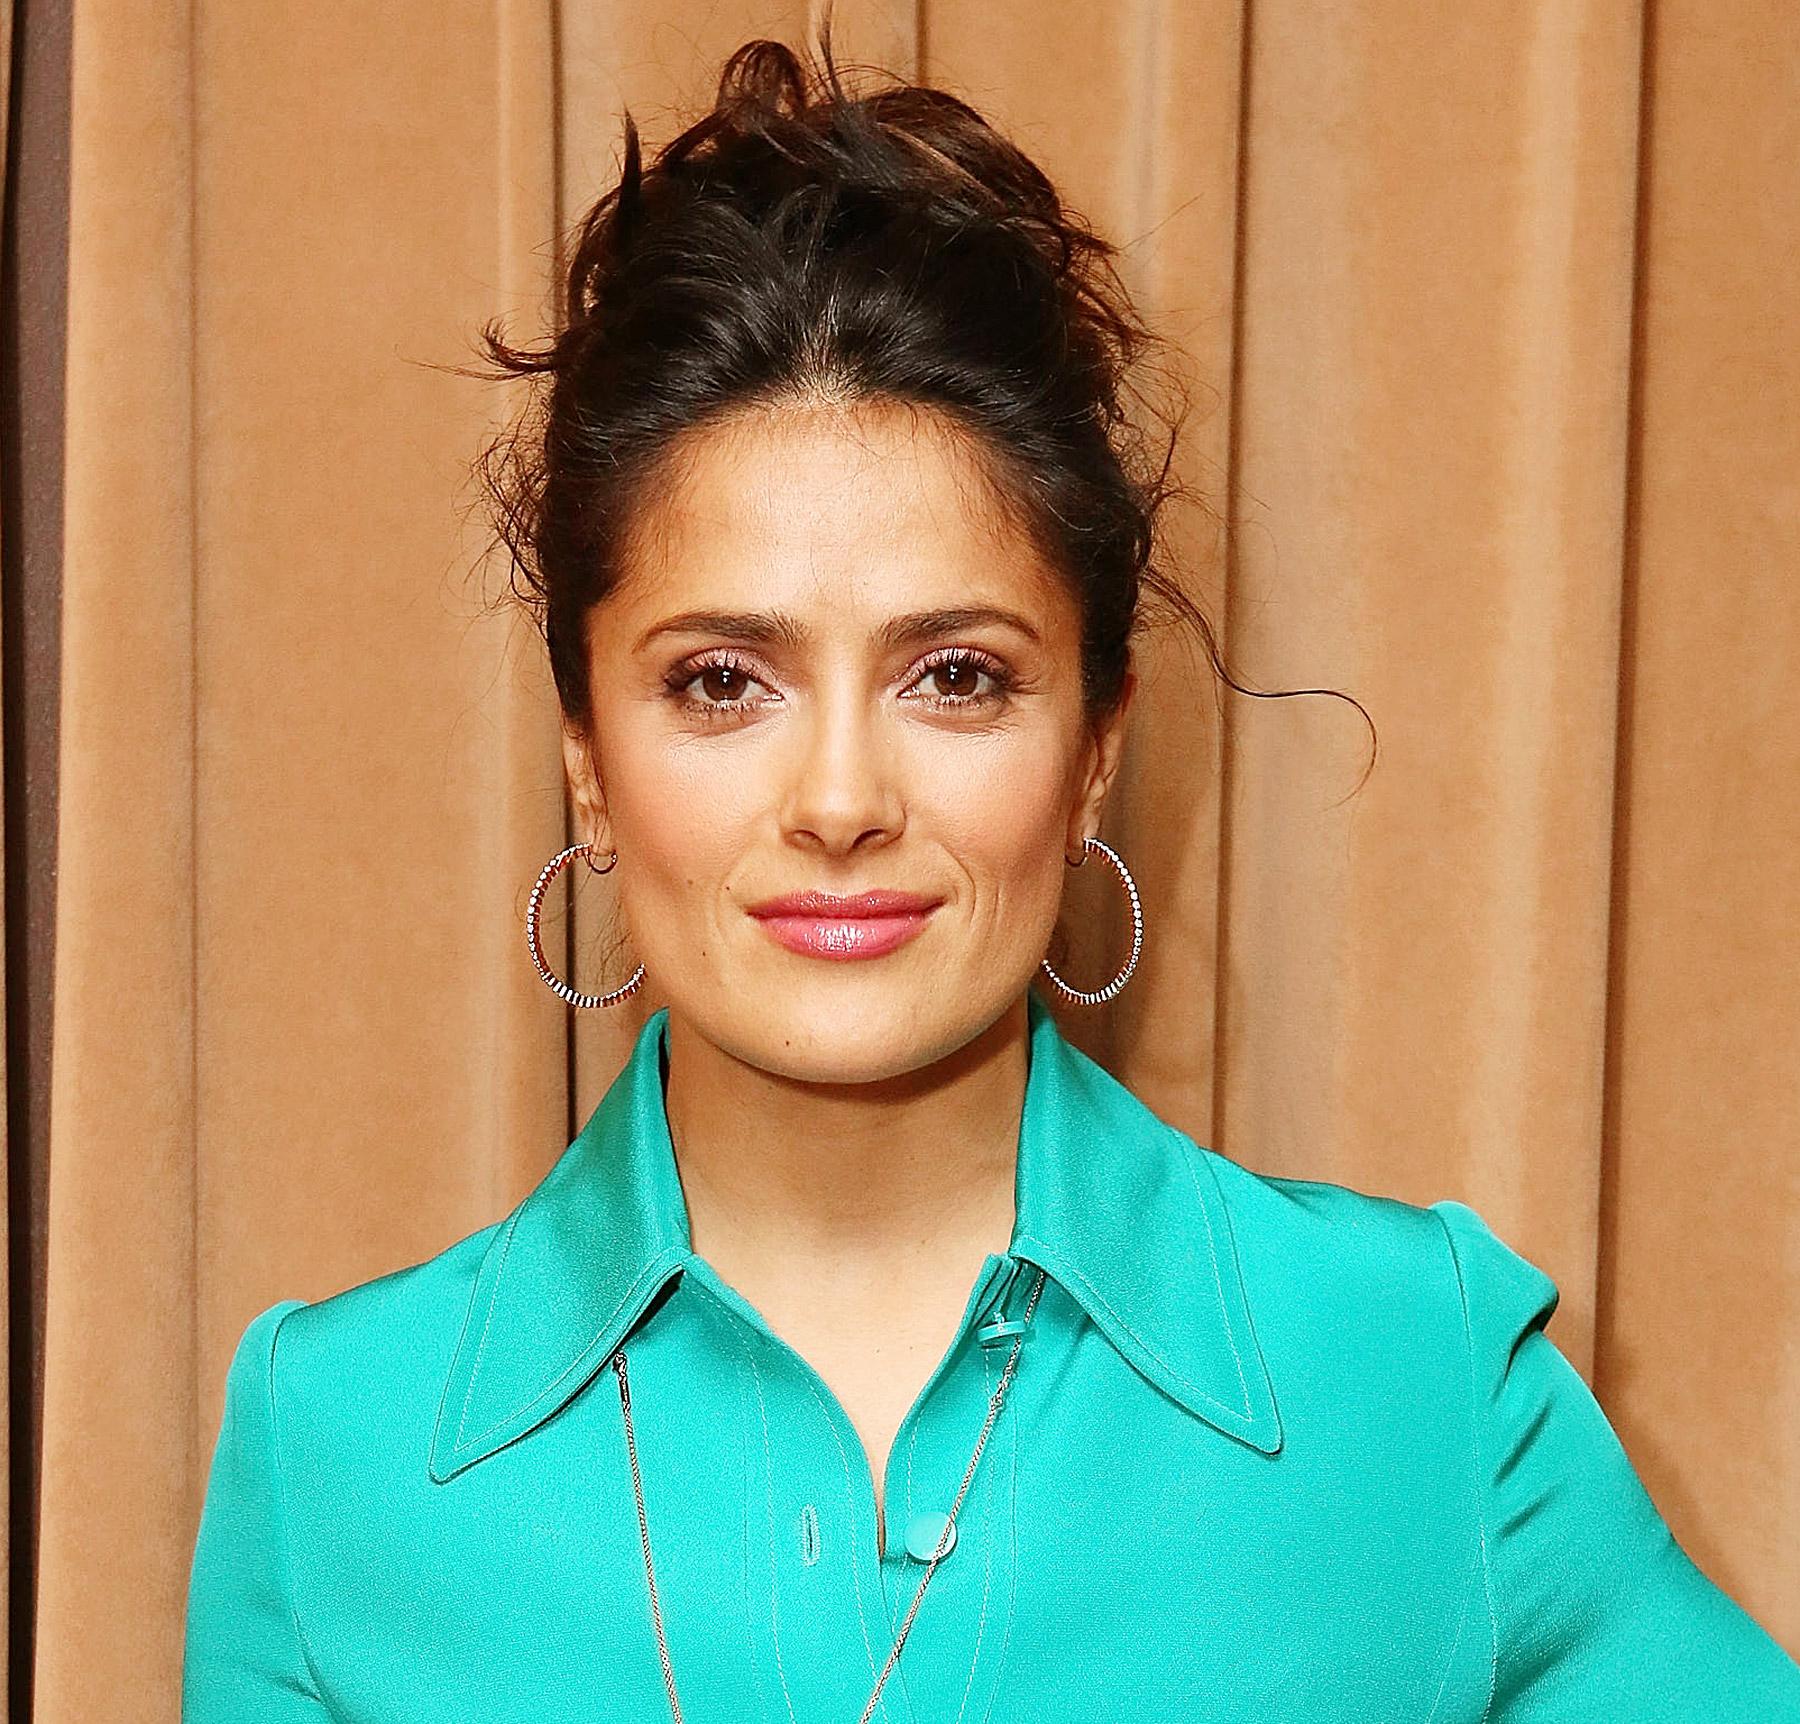 Salma Hayek Beauty Tips: Actress Shares Best Makeup Tricks